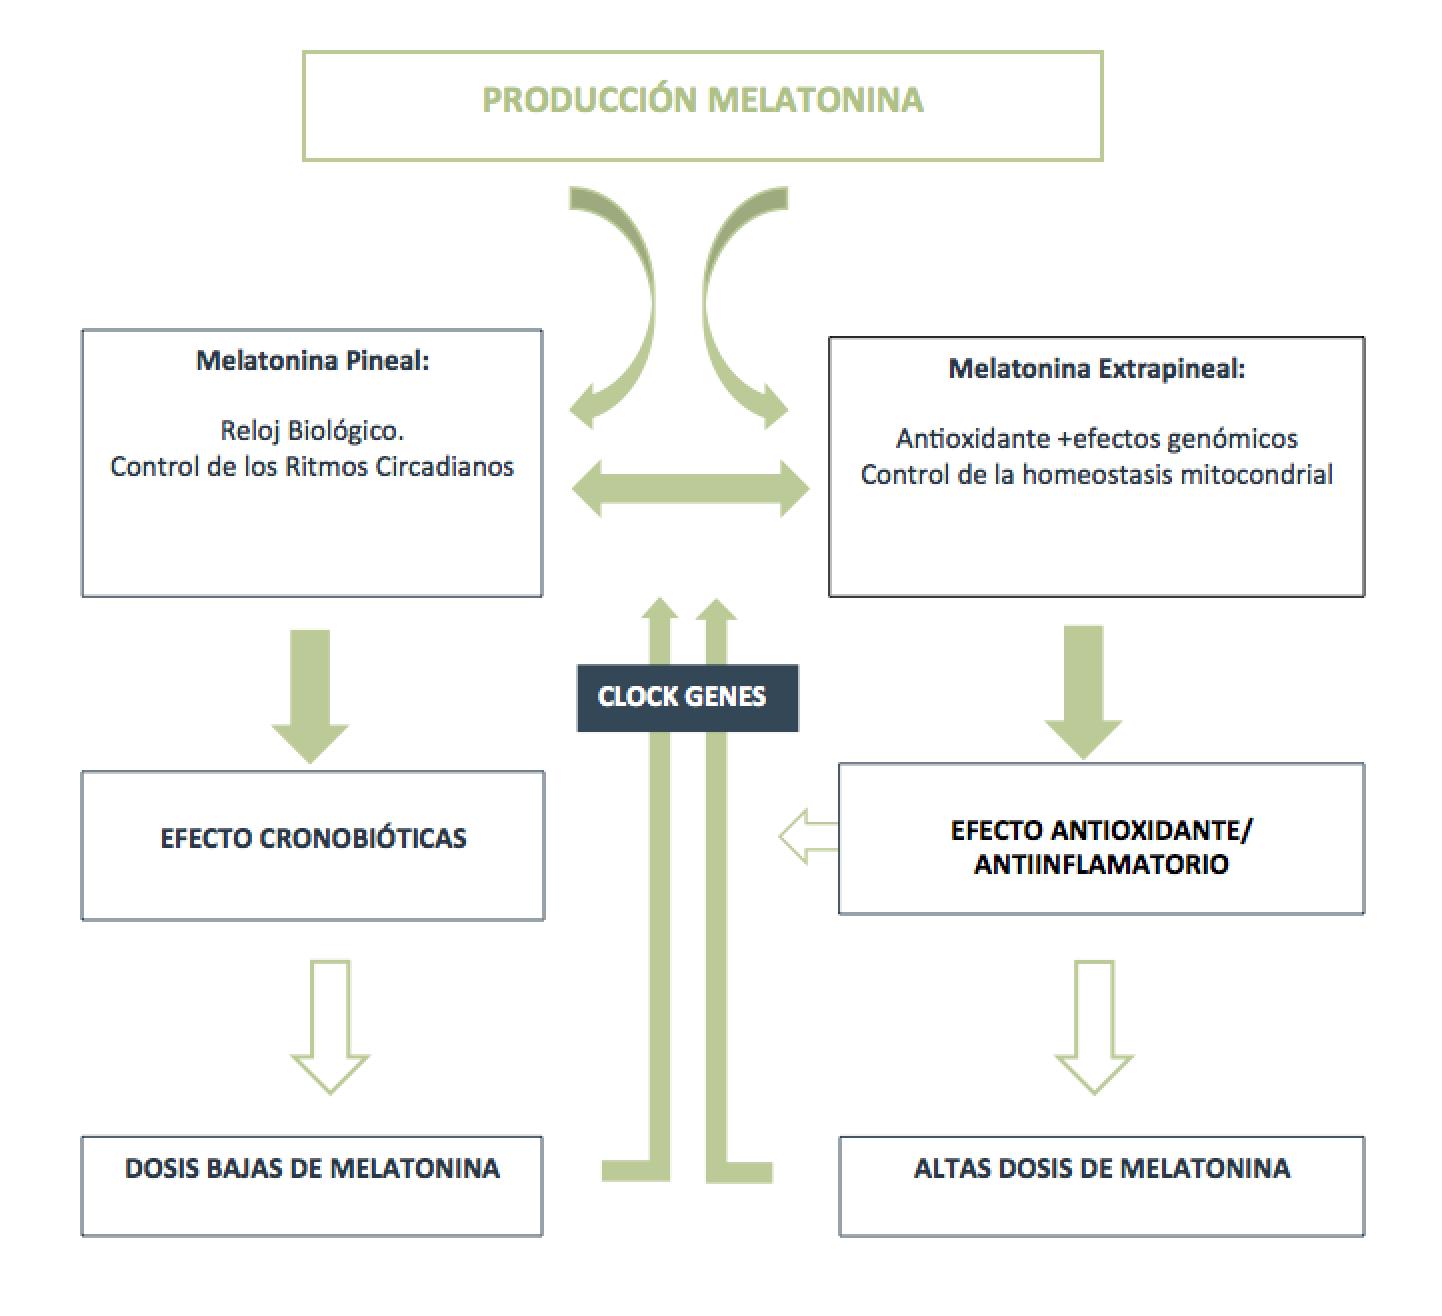 Melatonina_Esquema-de-producción-de-la-melatonina